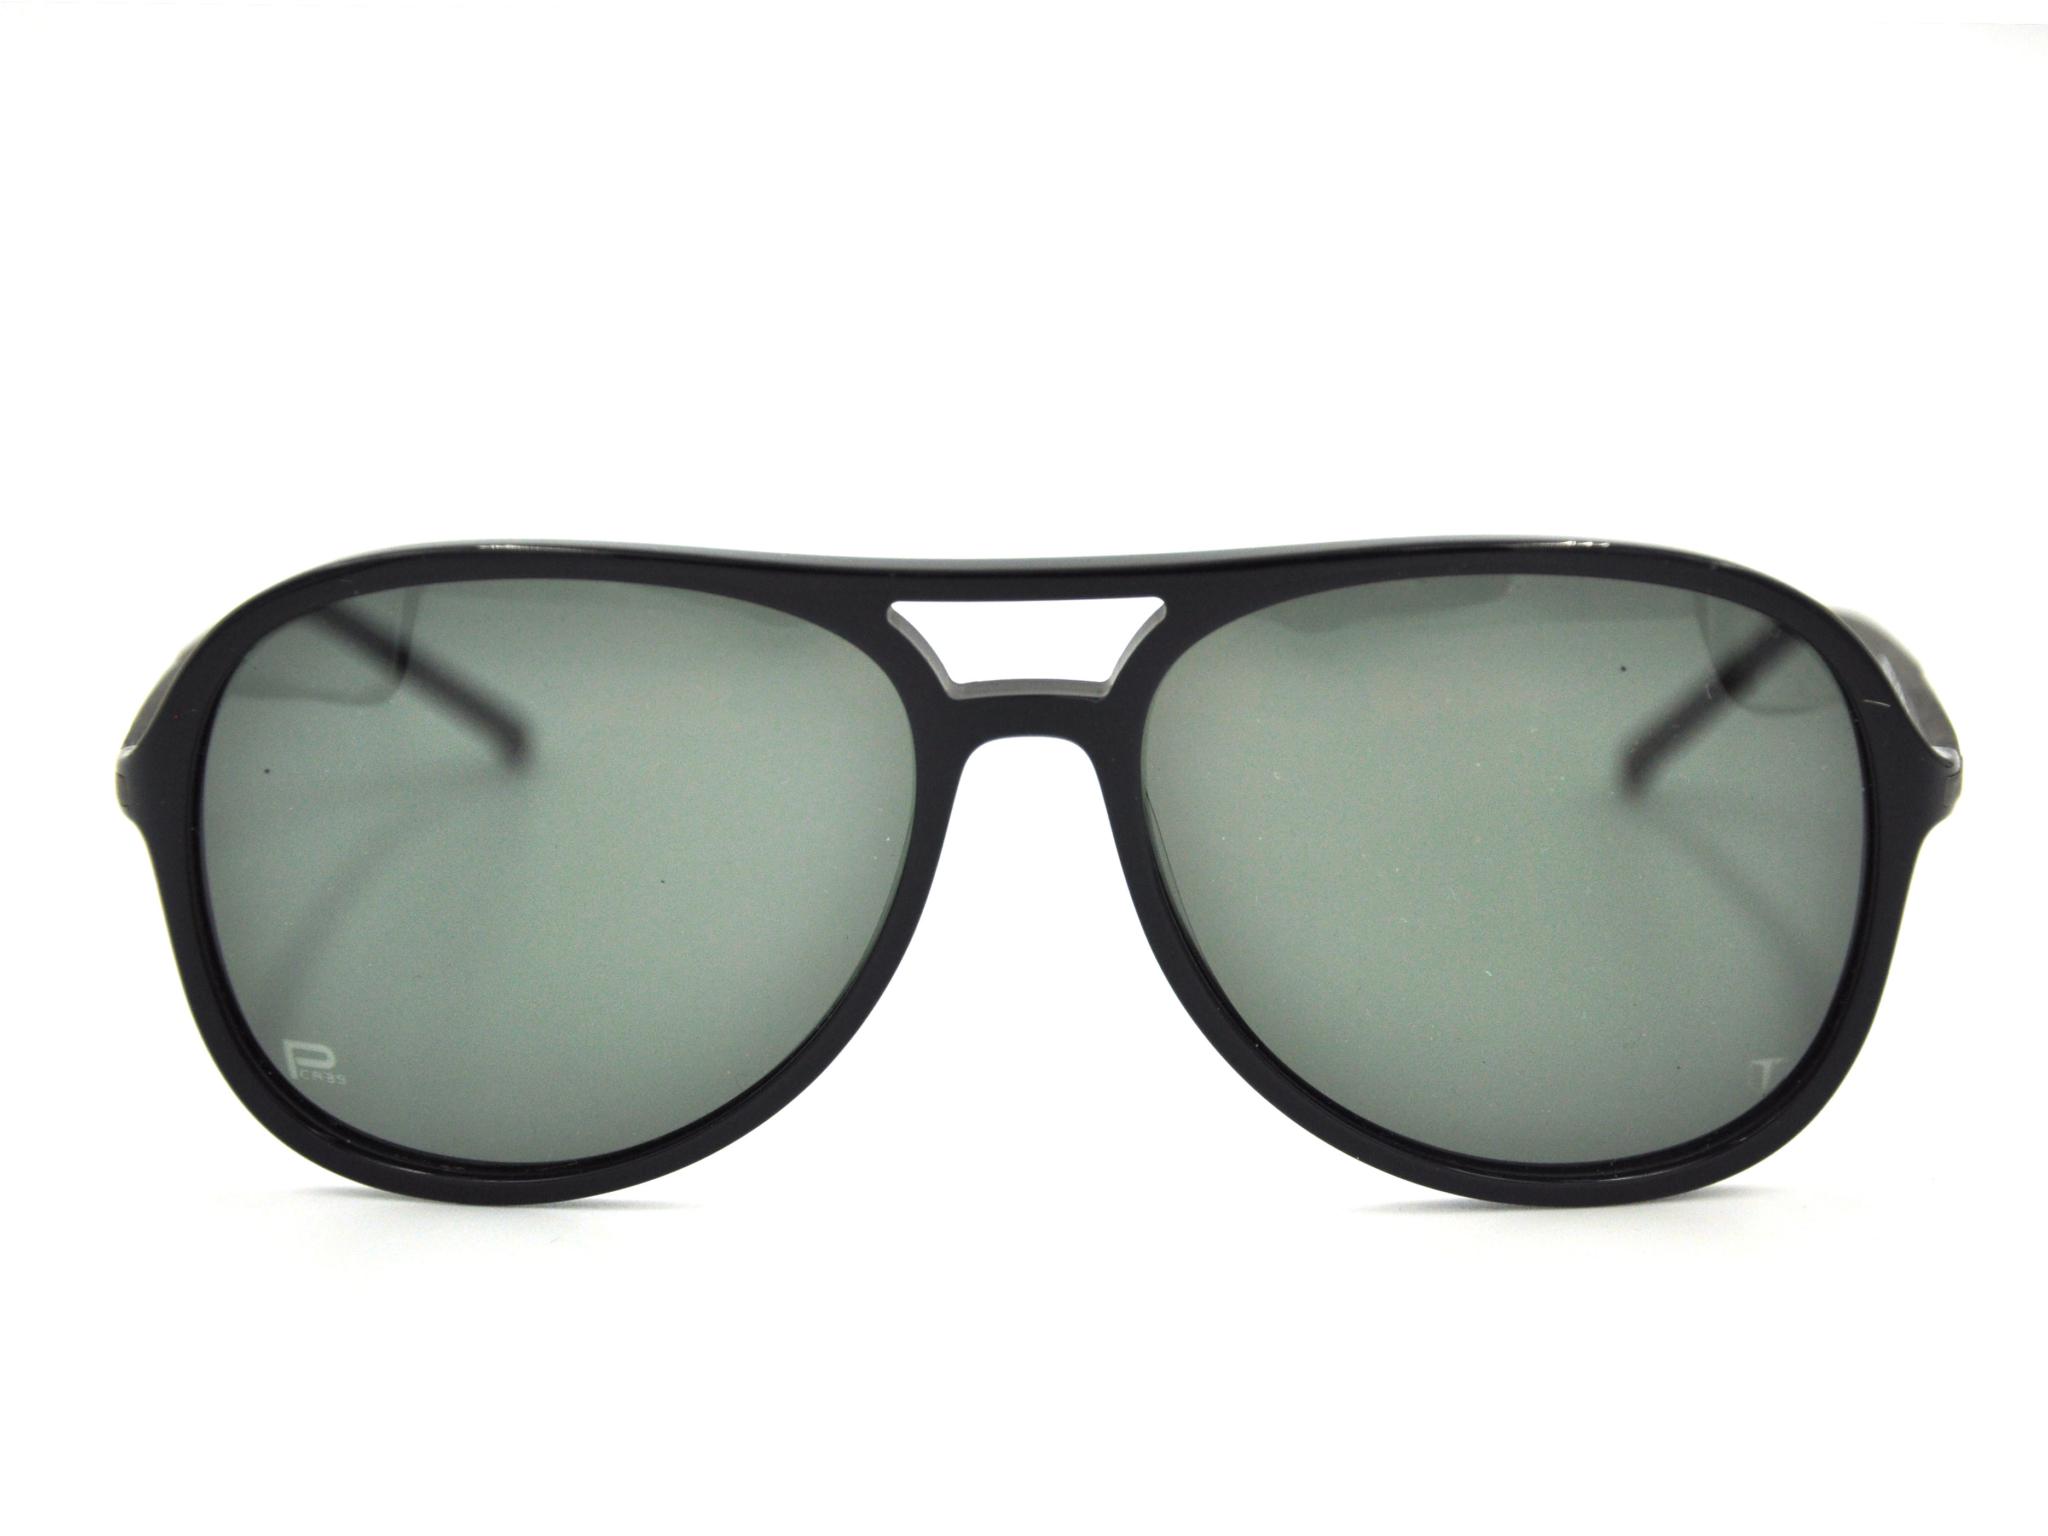 Γυαλιά ηλίου T-CHARGE T9048 A01 Πειραιάς